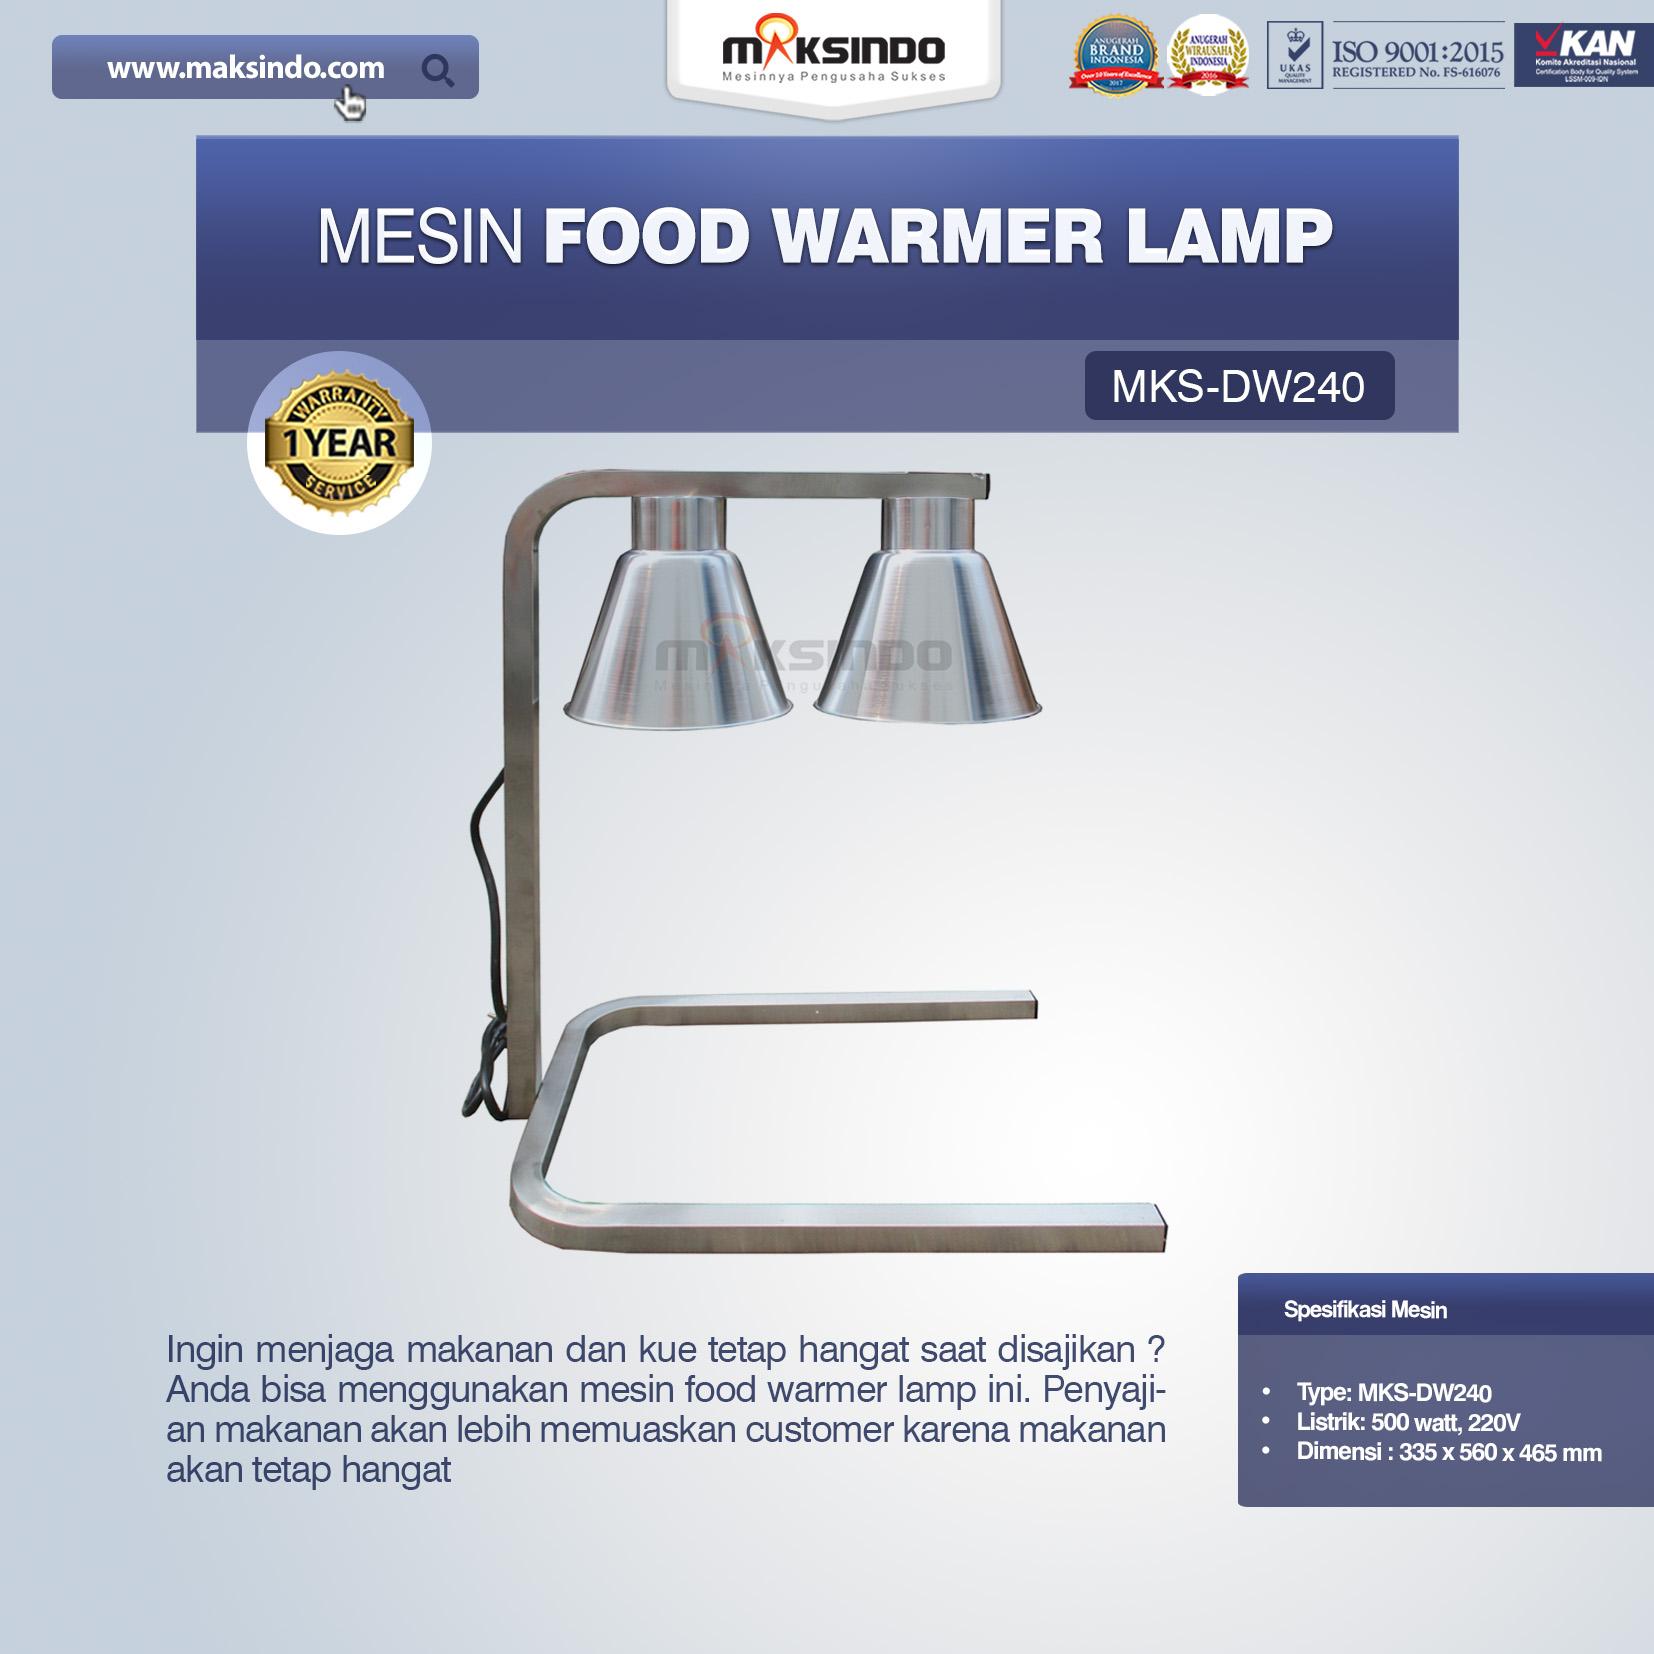 Jual Mesin Food Warmer Lamp MKS-DW240 di Bandung